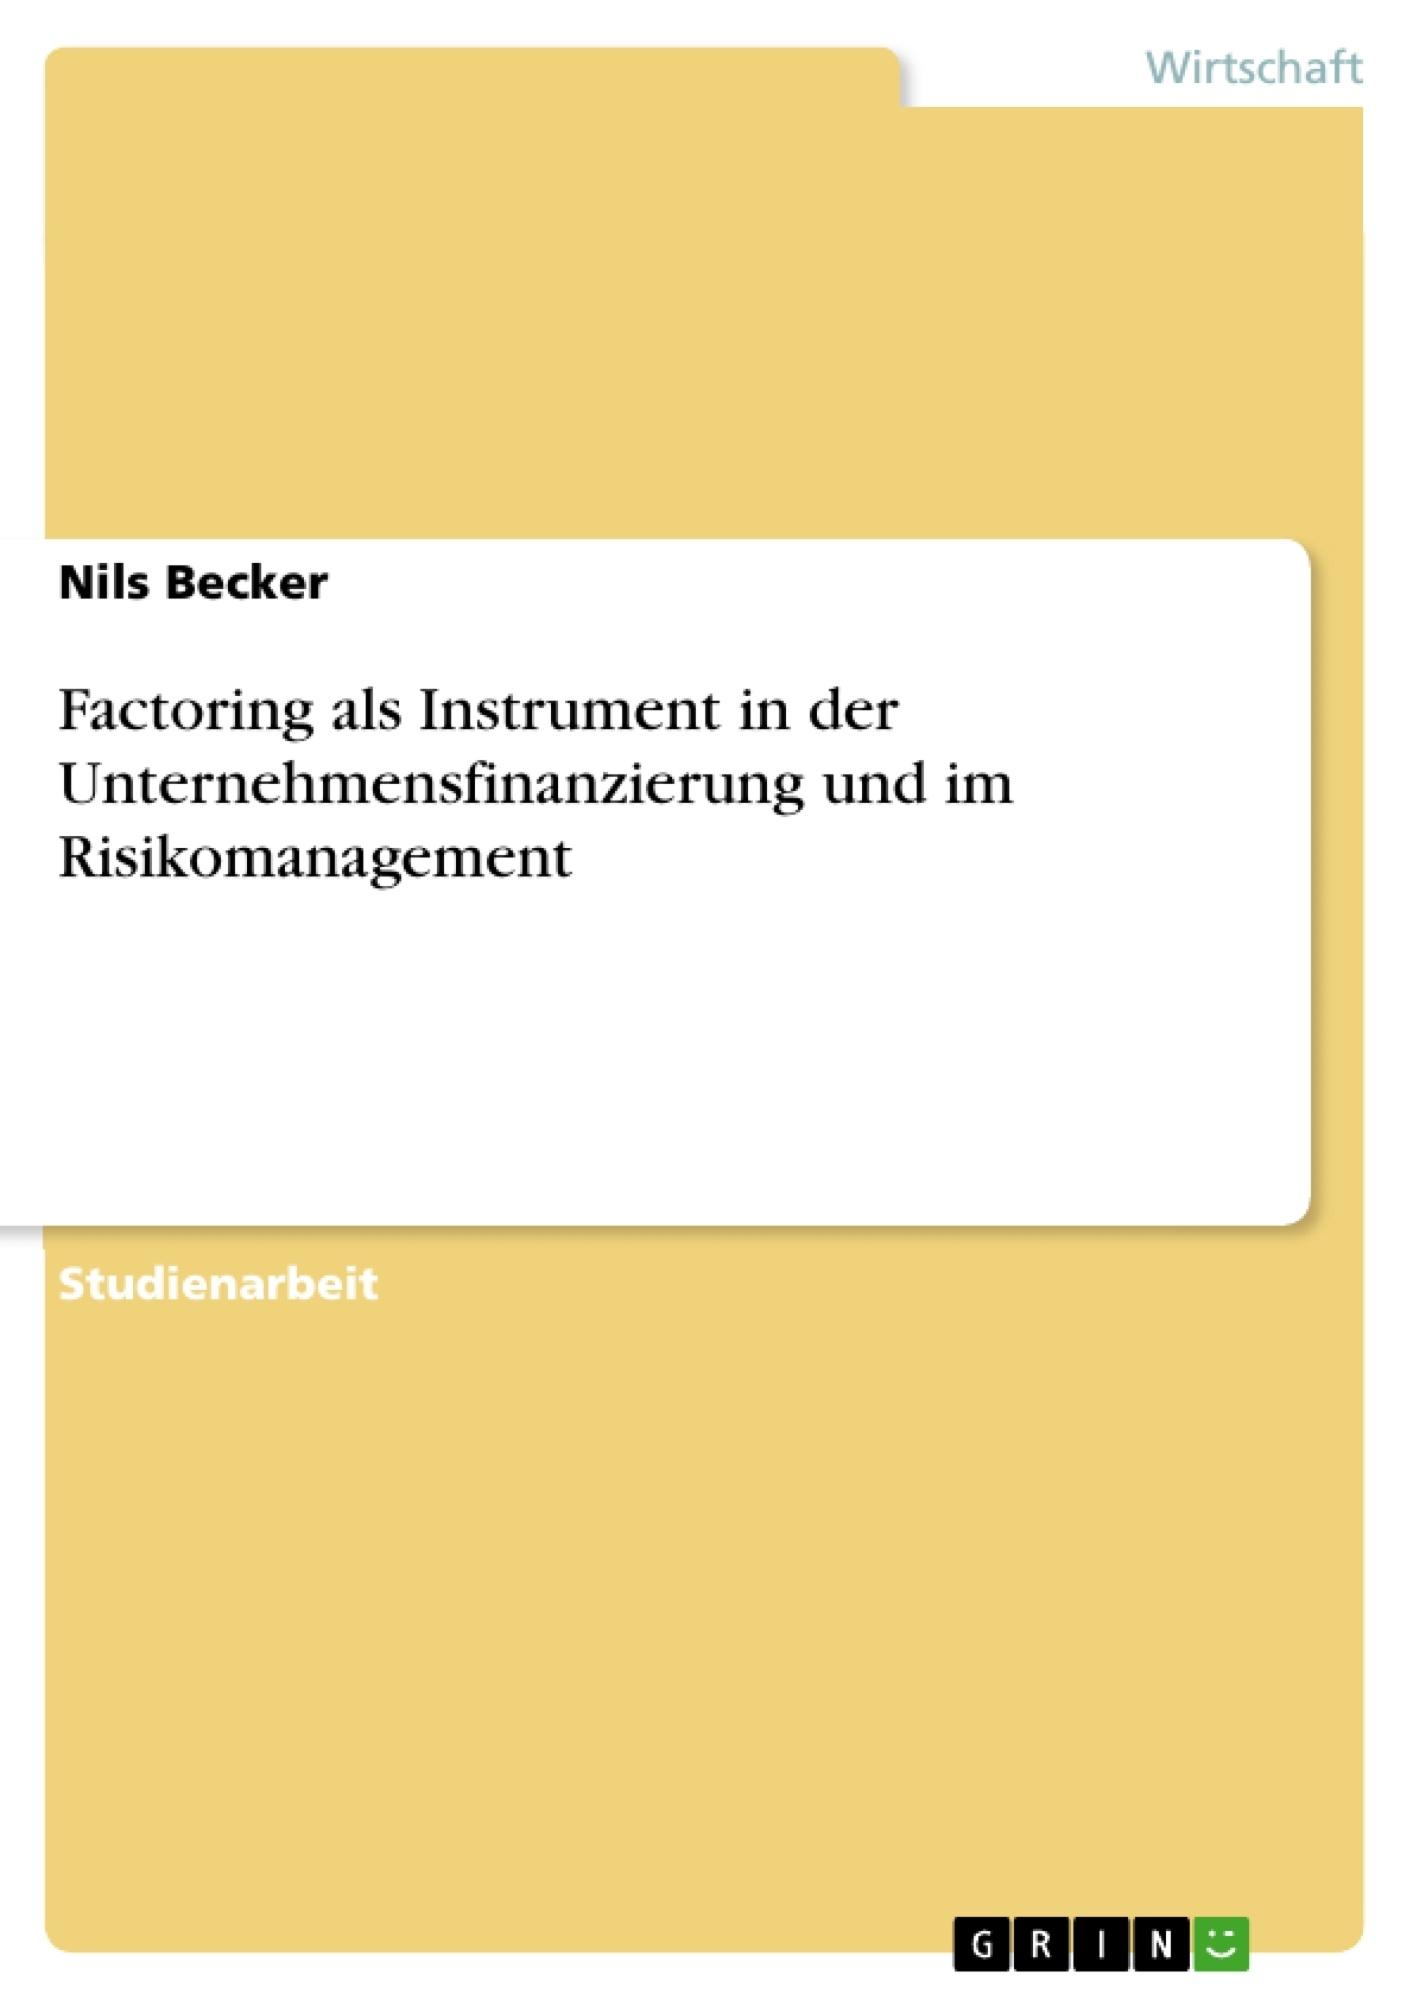 Titel: Factoring als Instrument in der Unternehmensfinanzierung und im Risikomanagement